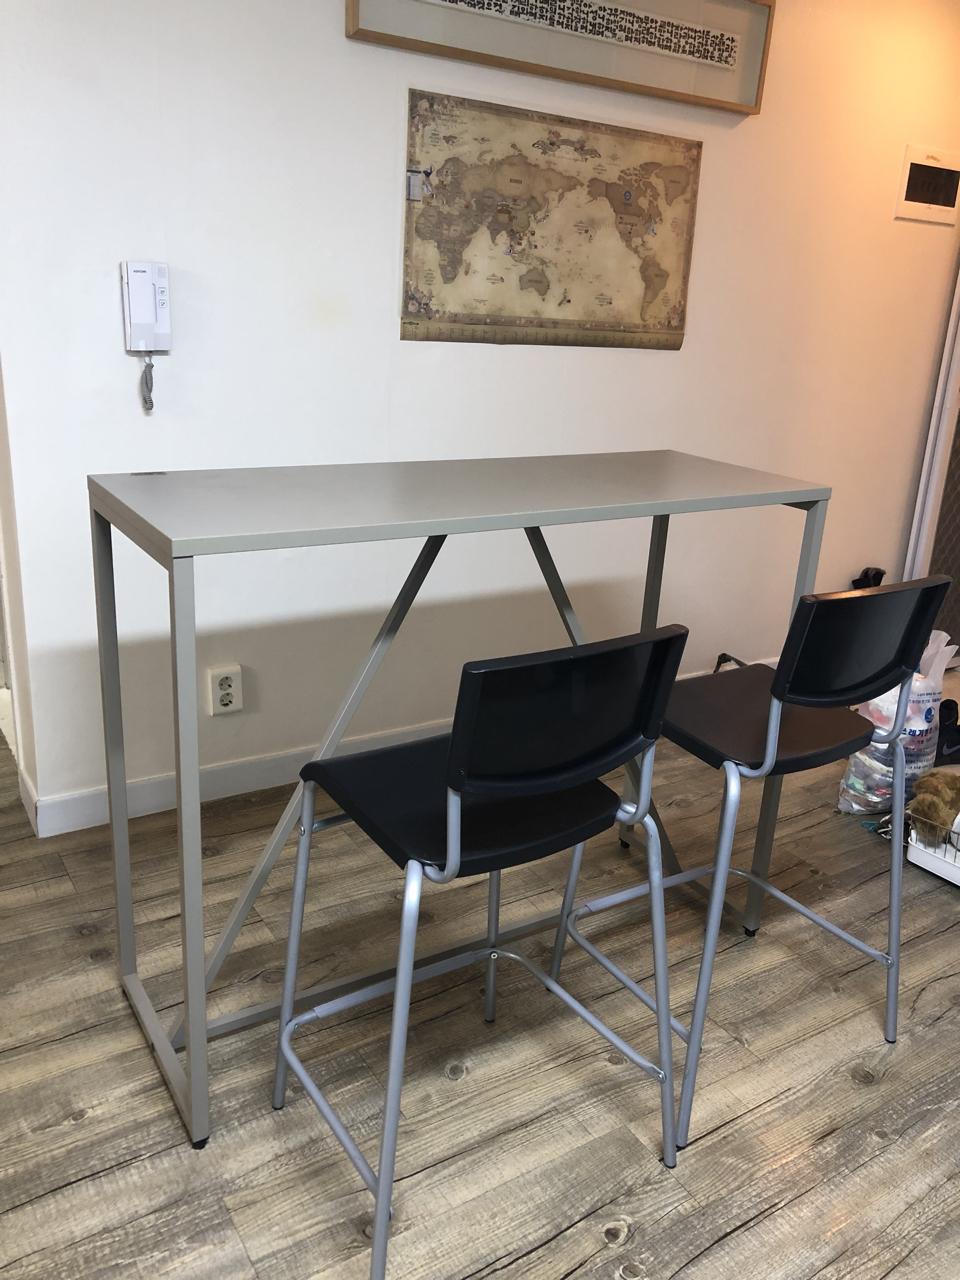 두닷 테이블 + 의자2개 팝니다